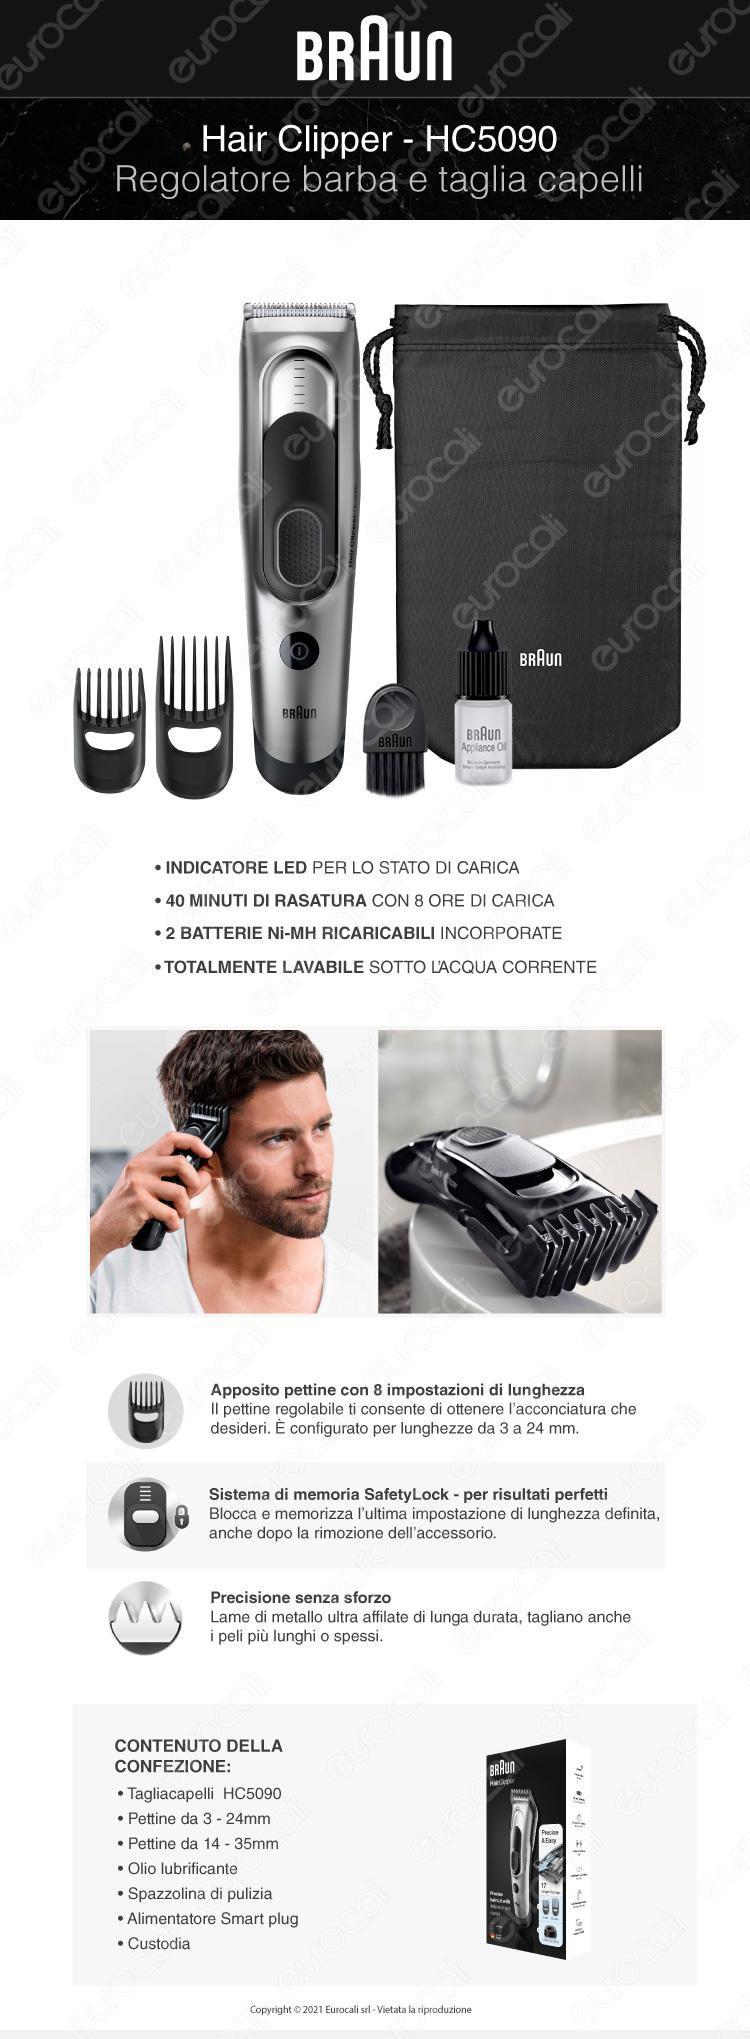 Braun hair clipper hc5050 rasoio tagliacapelli